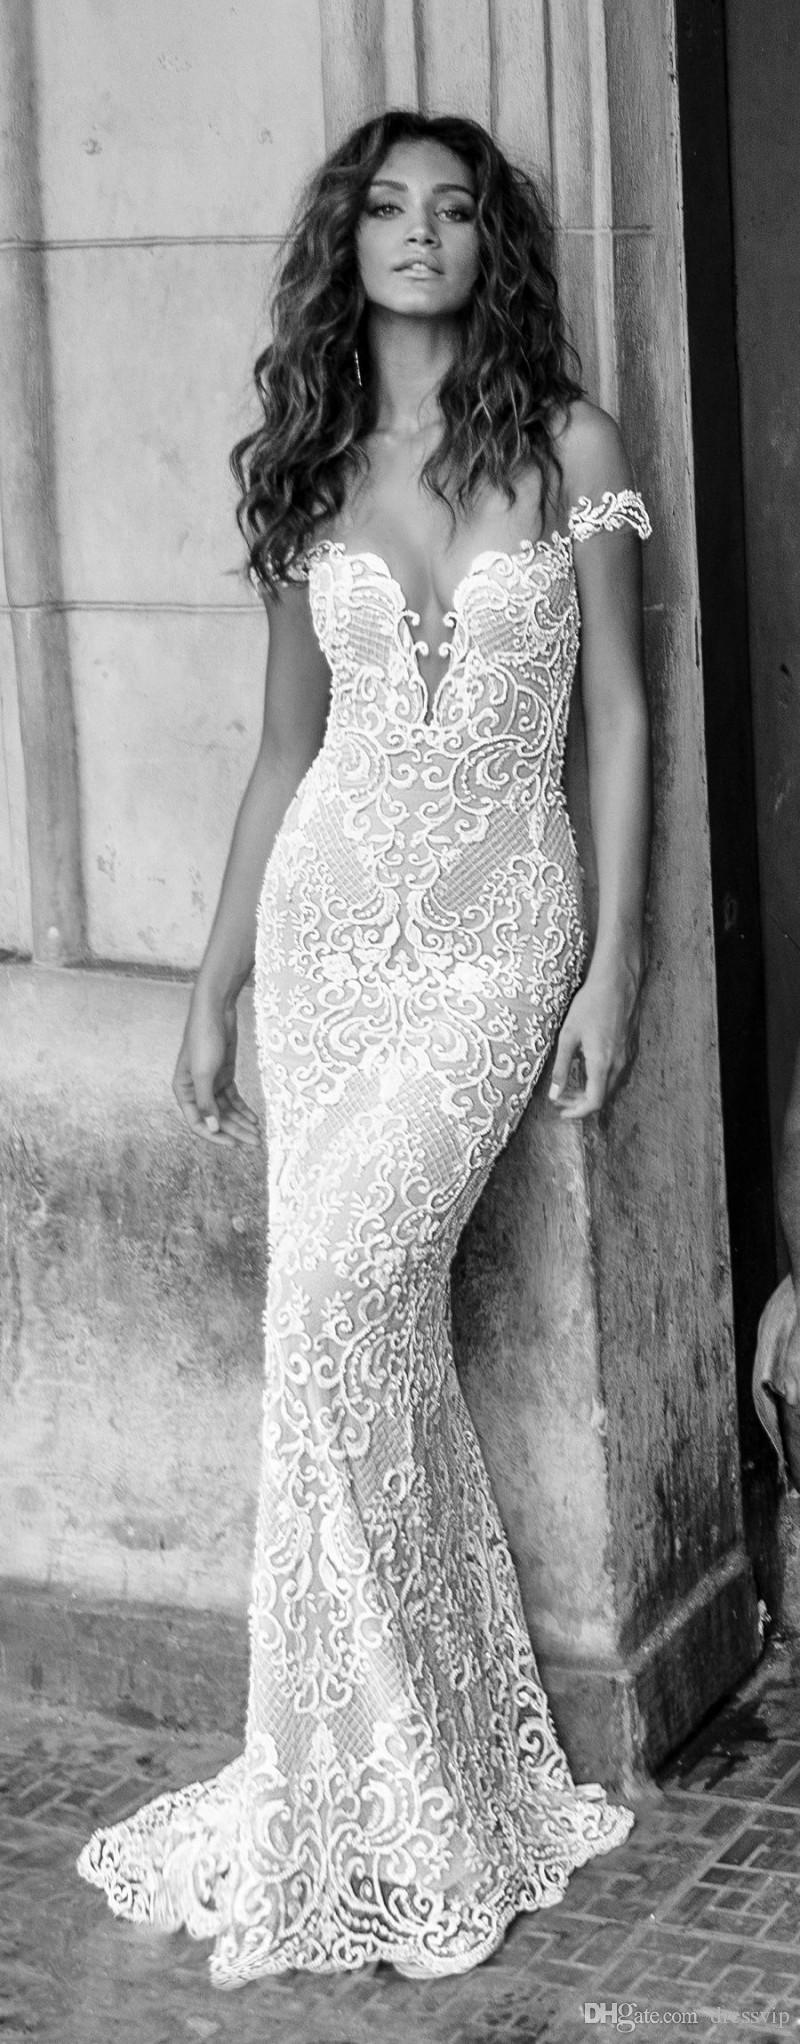 Julie Vino Mermaid Brautkleider Abnehmbare Zug aus Schulter Sweep Zug Backless Spitze Brautkleid Applique Perlen Günstige Brautkleid